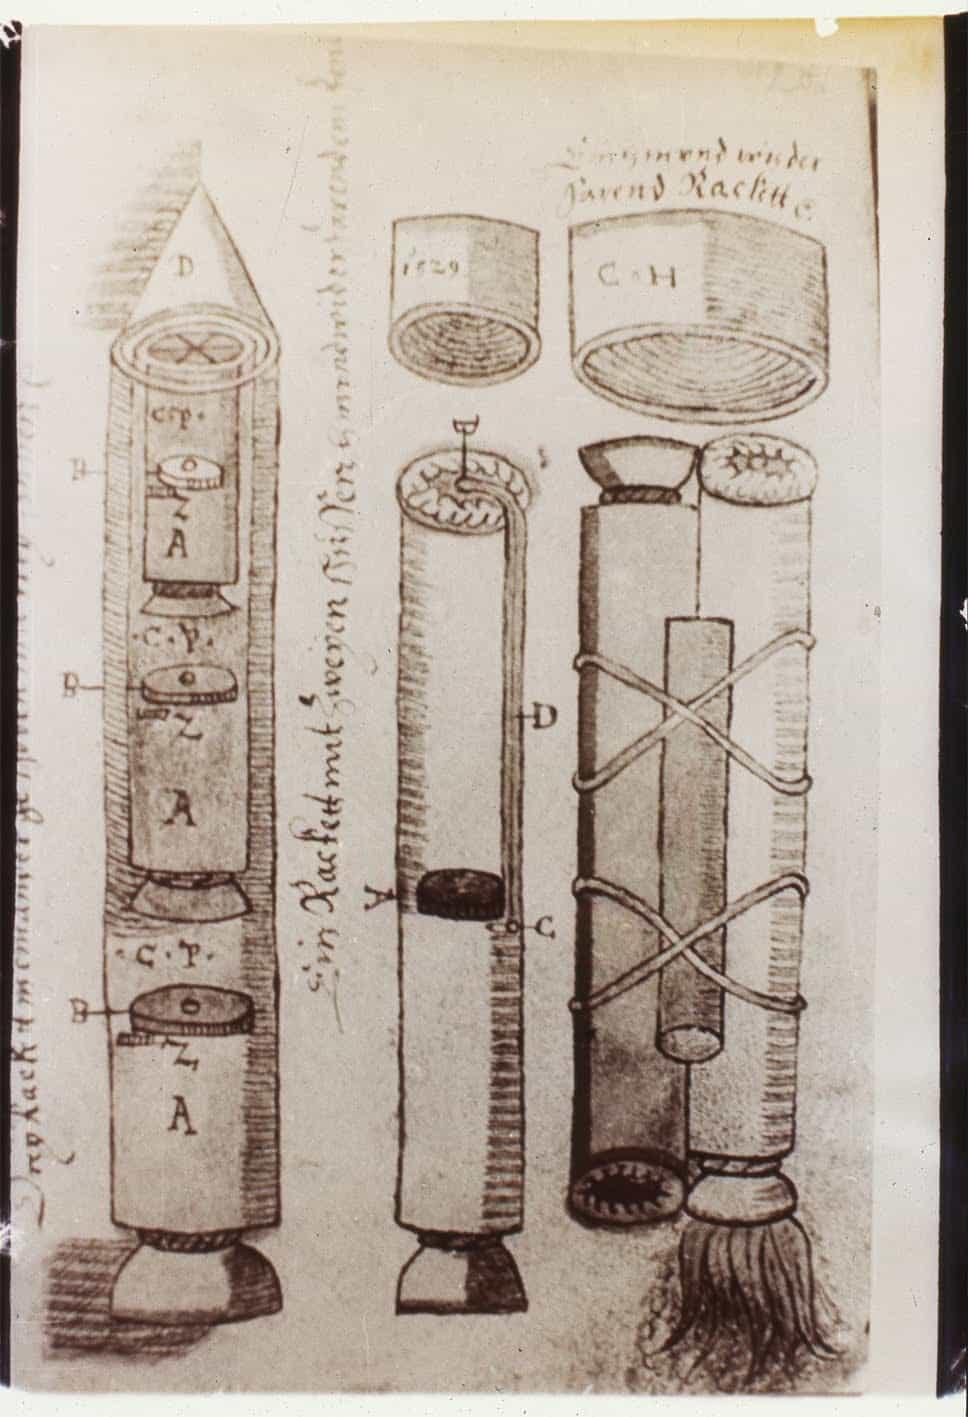 странная рукопись про ракеты